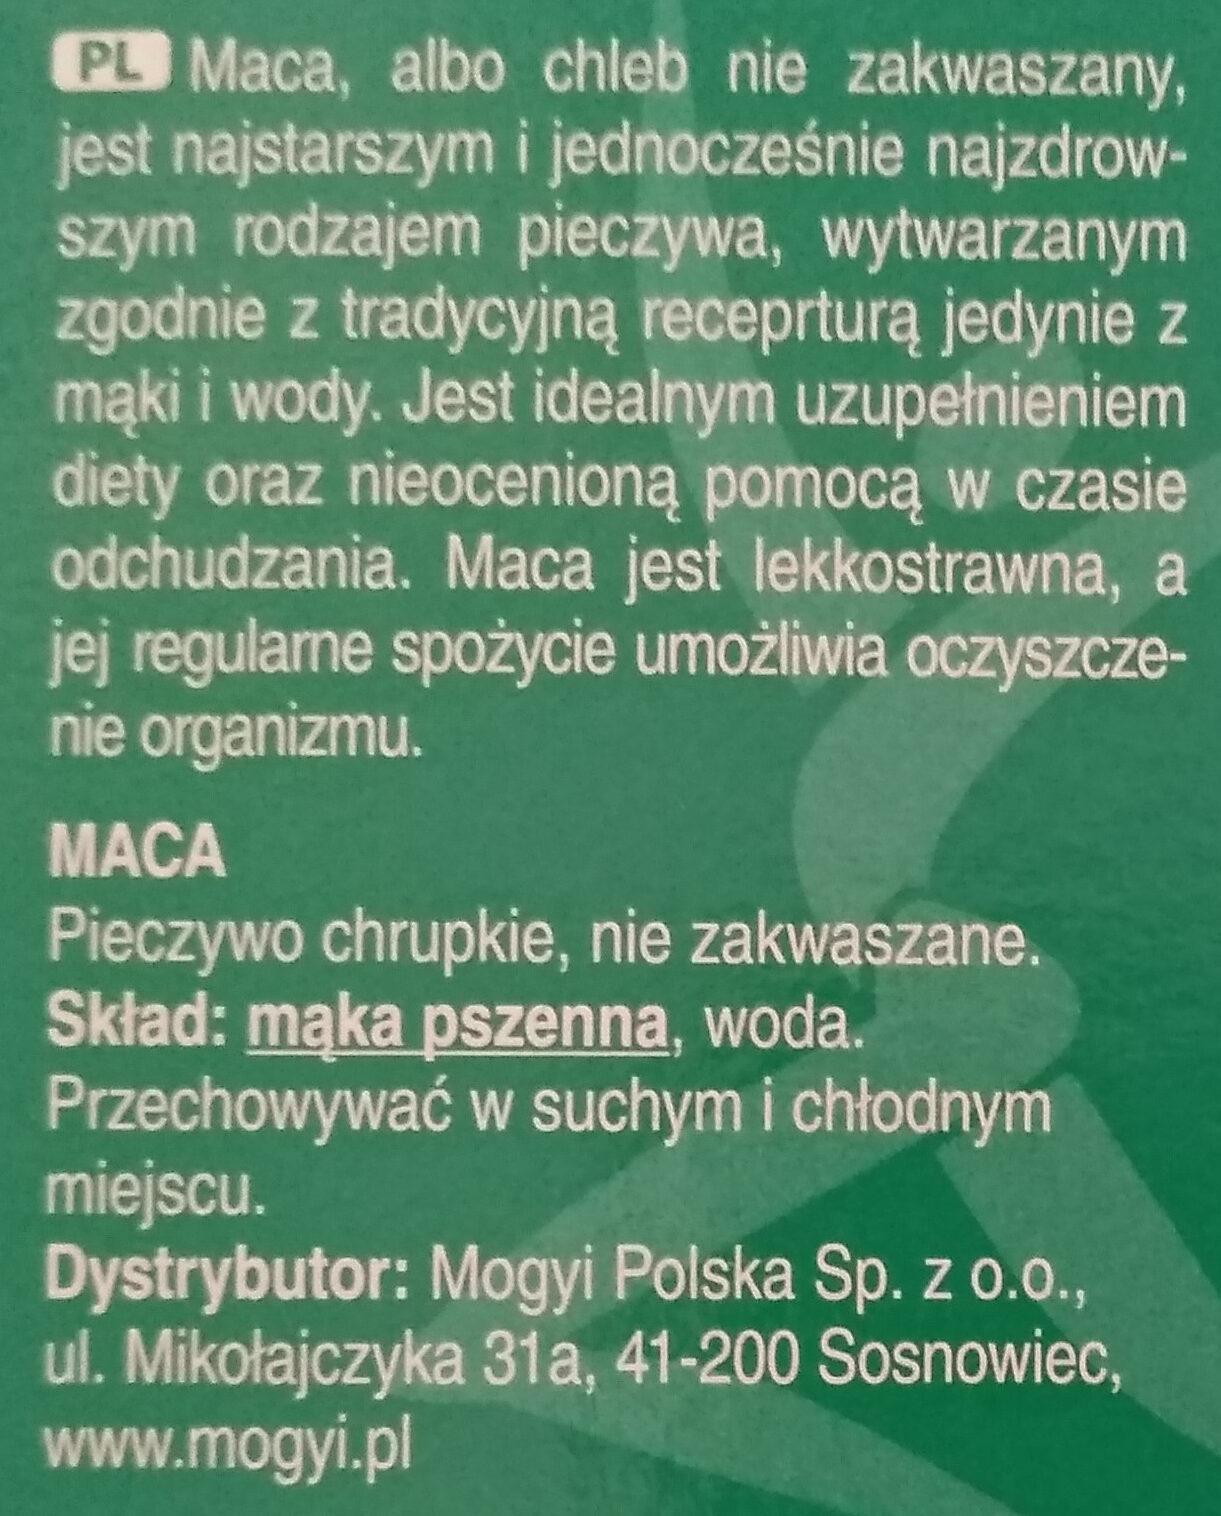 Mogyi Pászka Maces - Składniki - pl